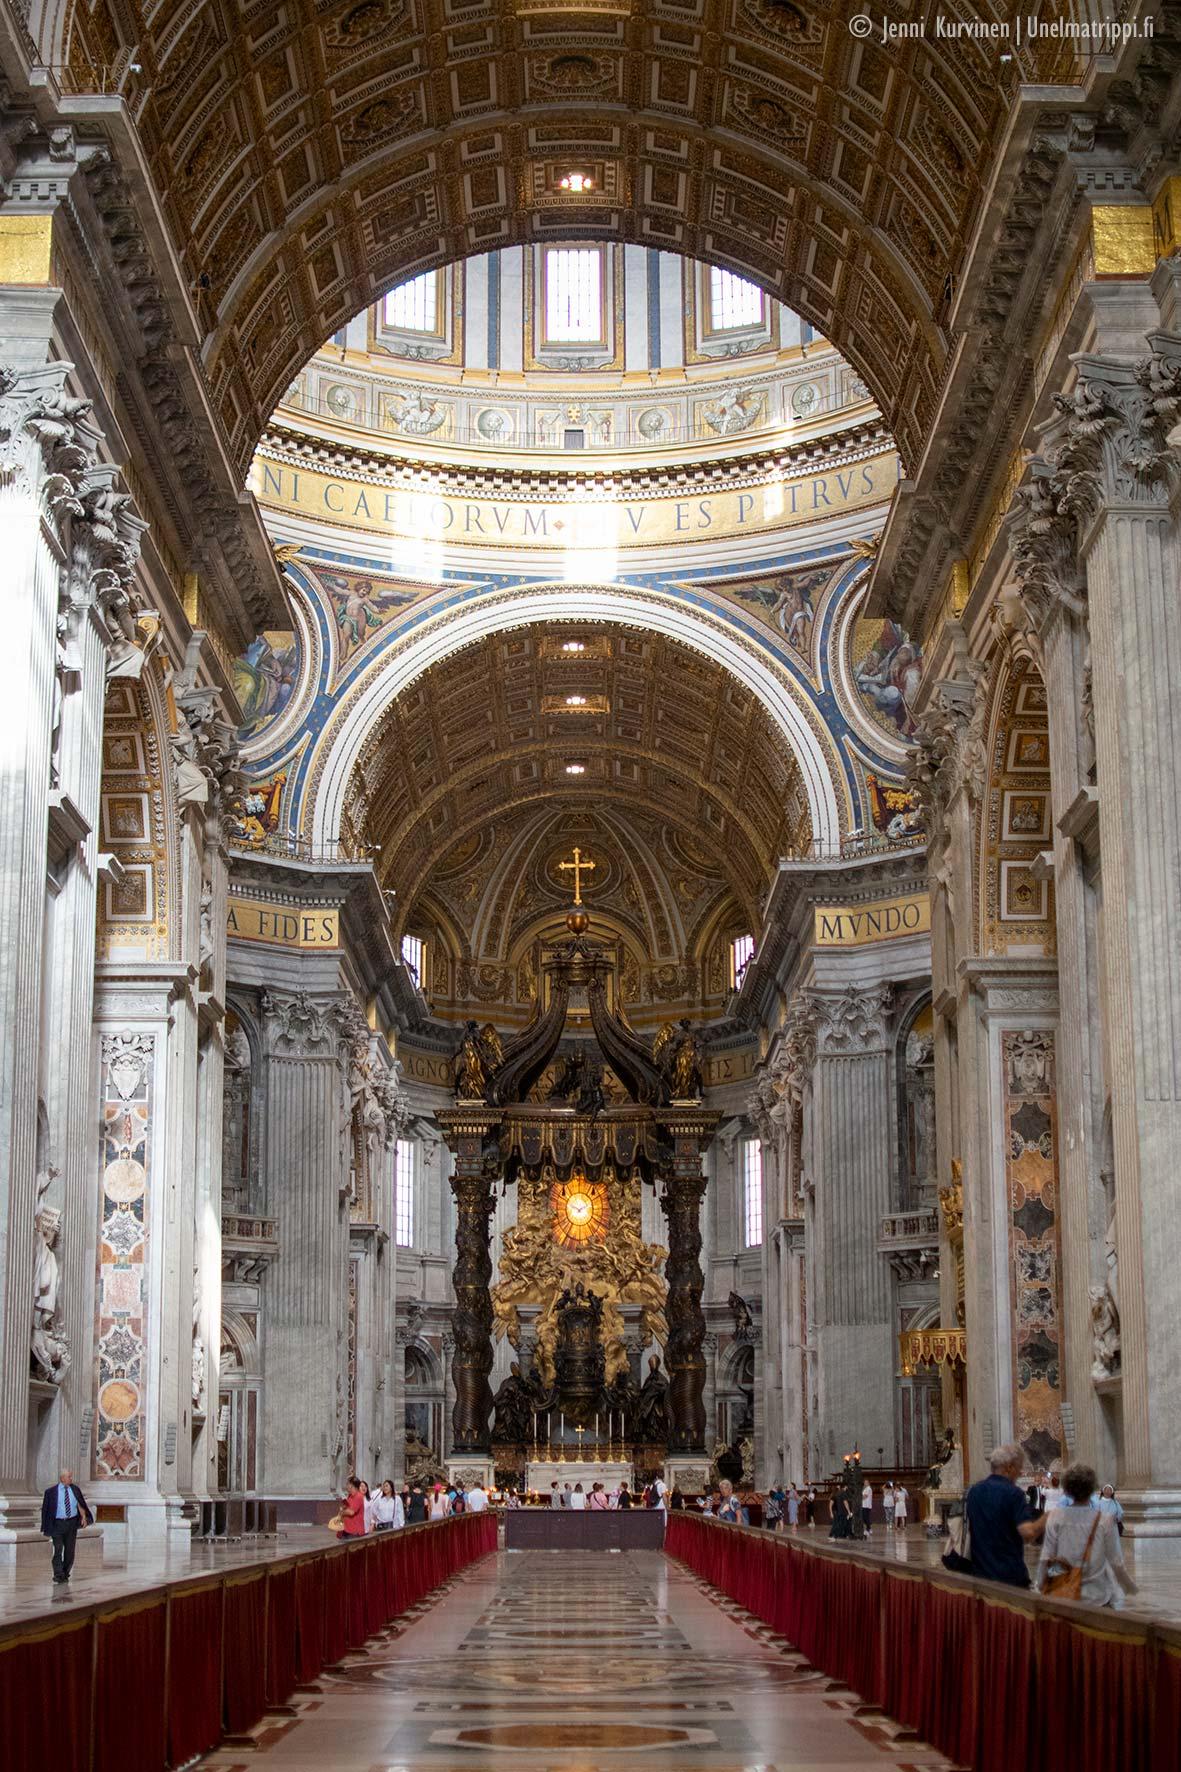 20180826-Unelmatrippi-Vatikaani-DSC0132